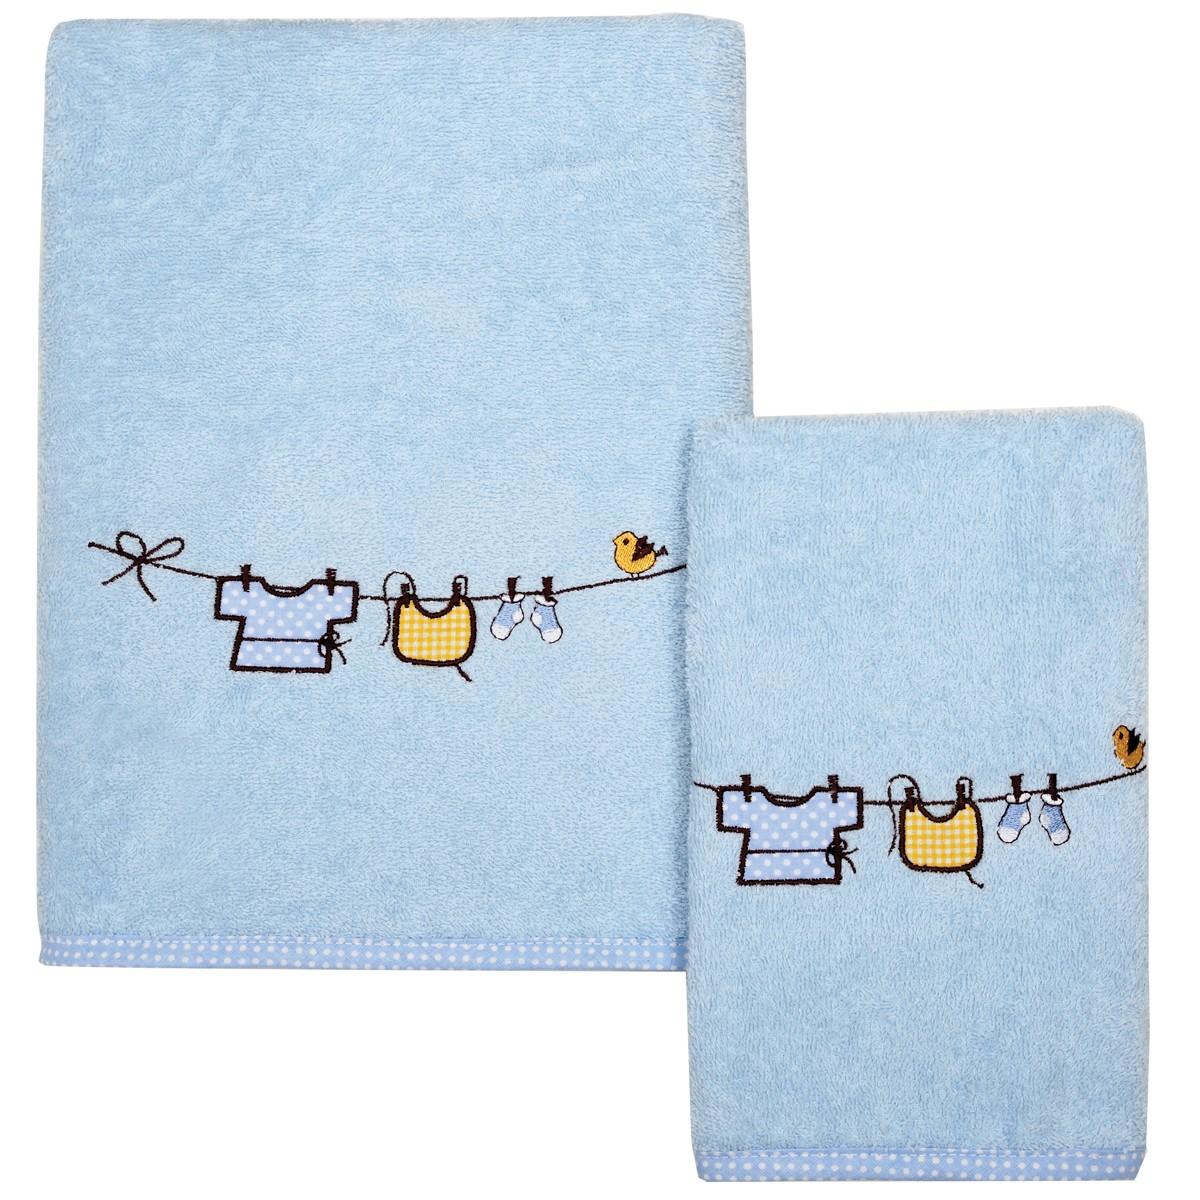 Βρεφικές Πετσέτες (Σετ 2τμχ) Das Home Smile Line 6431